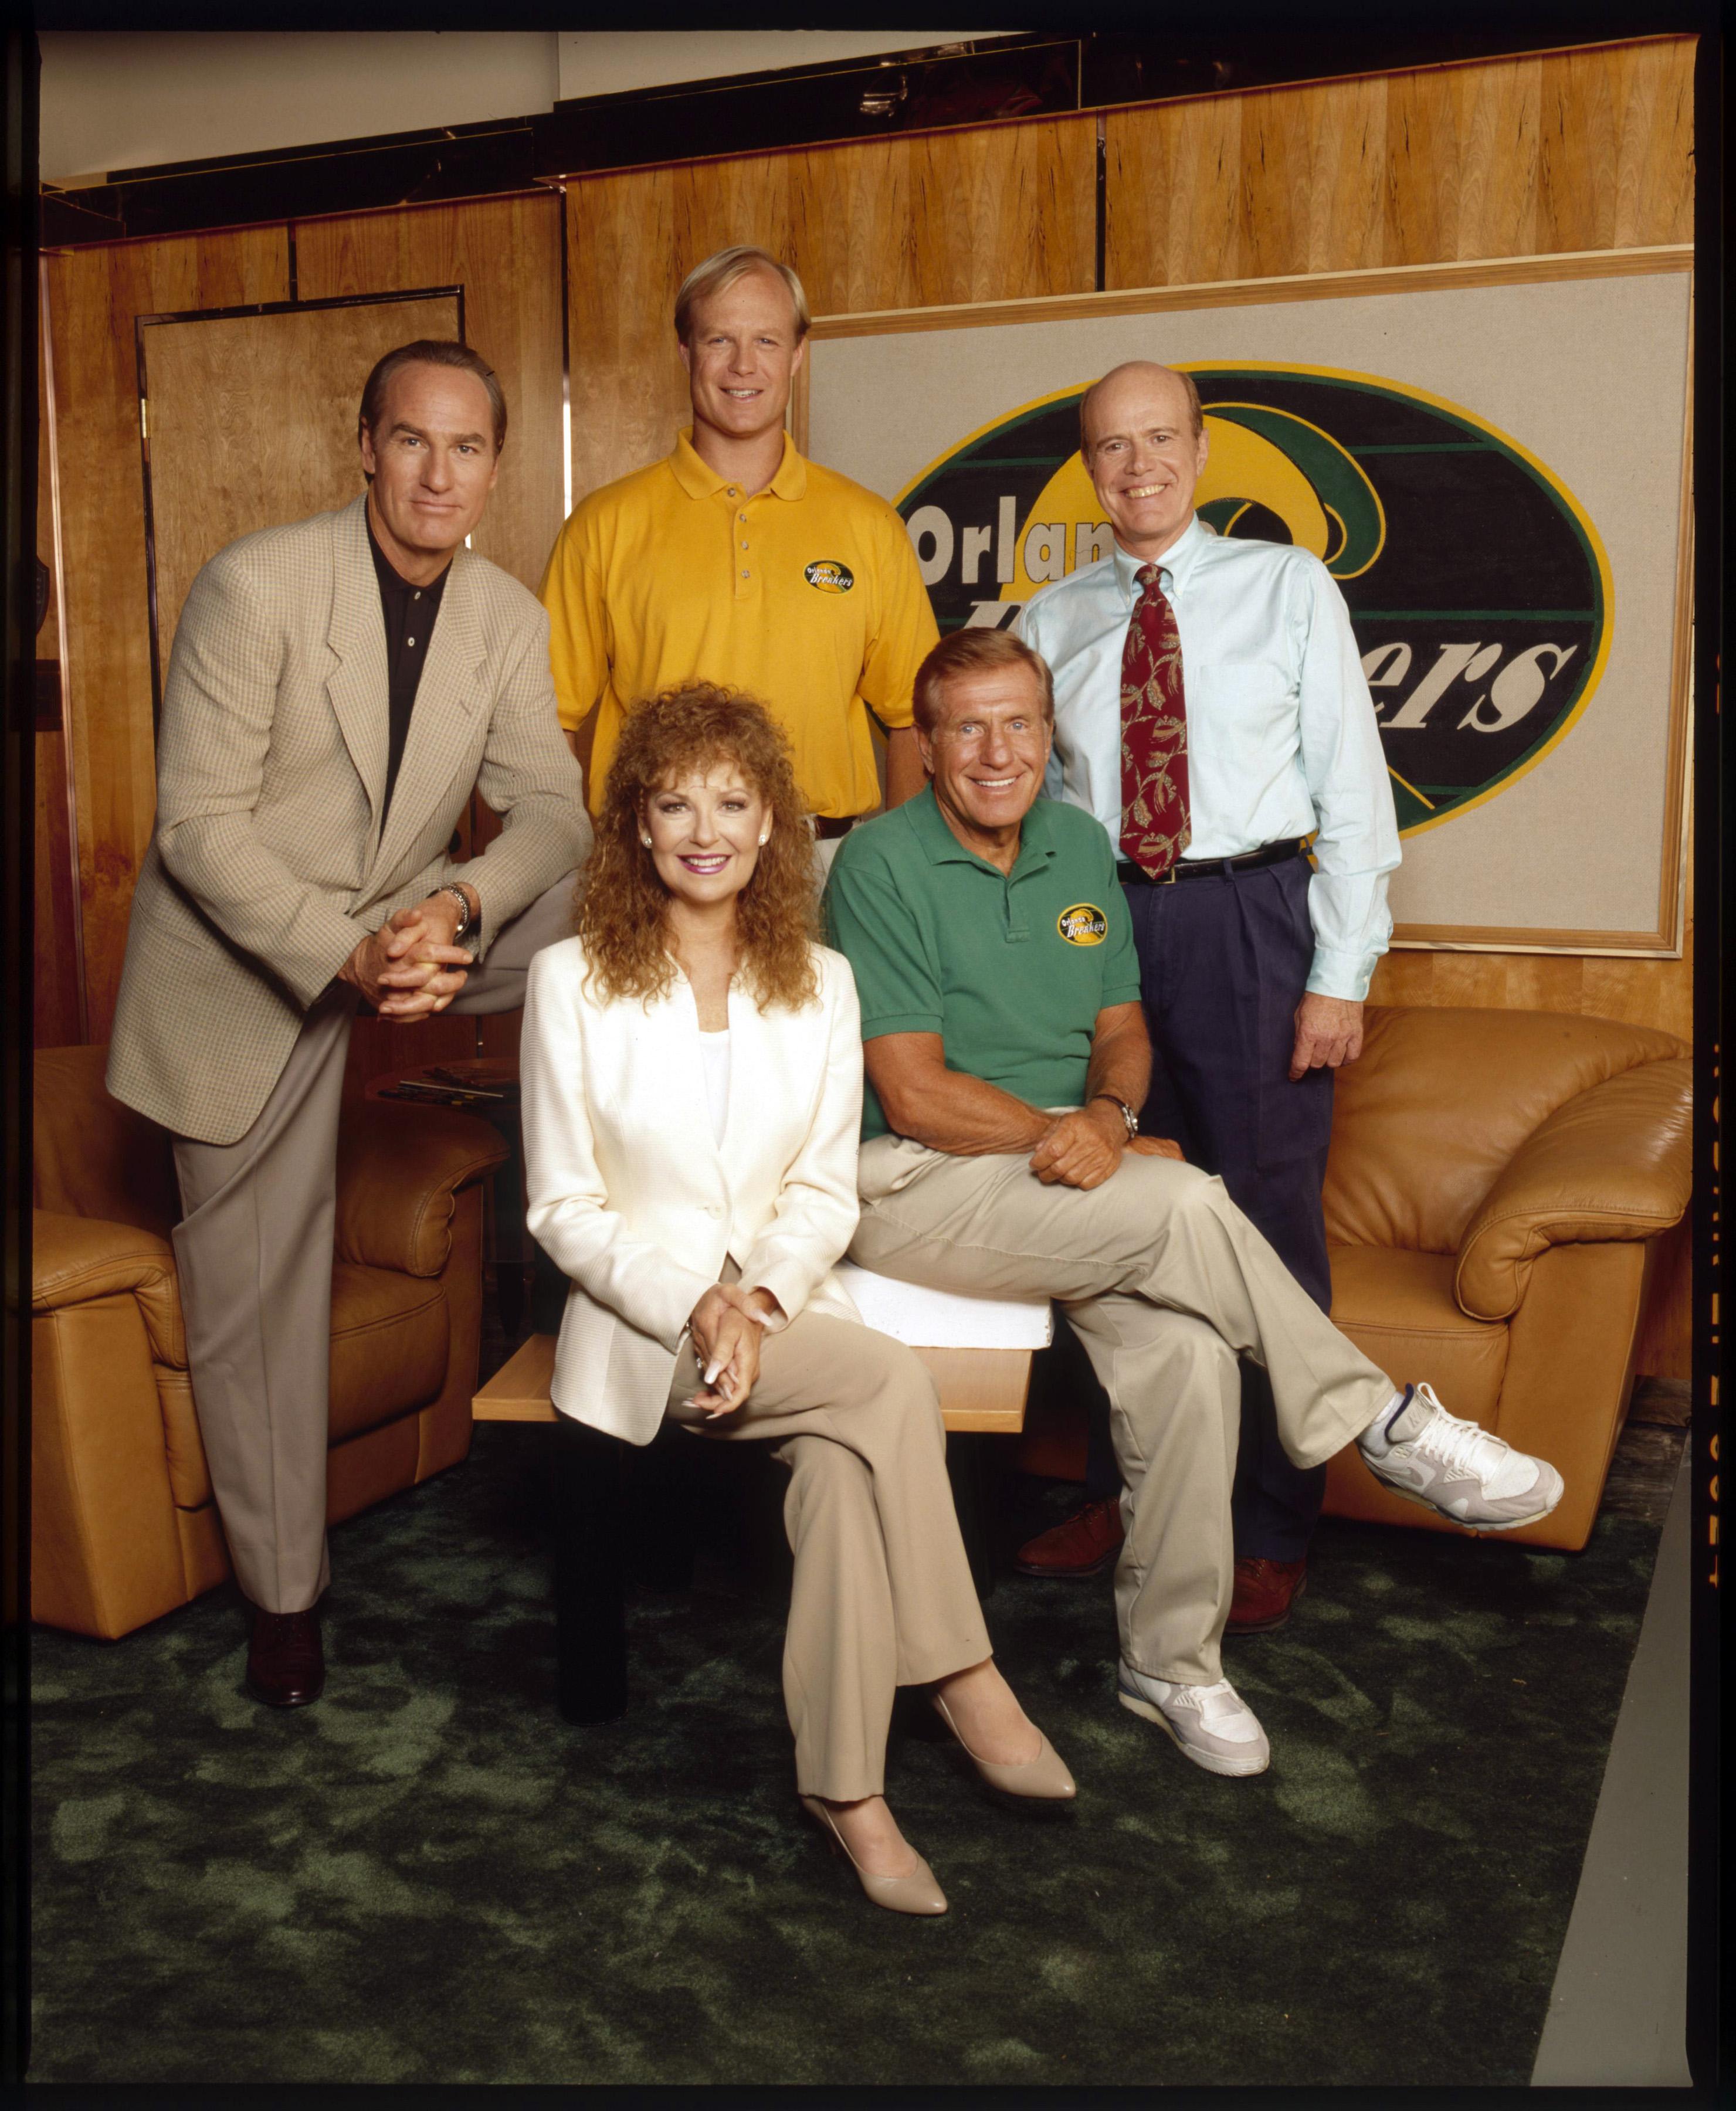 Jerry Van Dyke Coach cast Getty